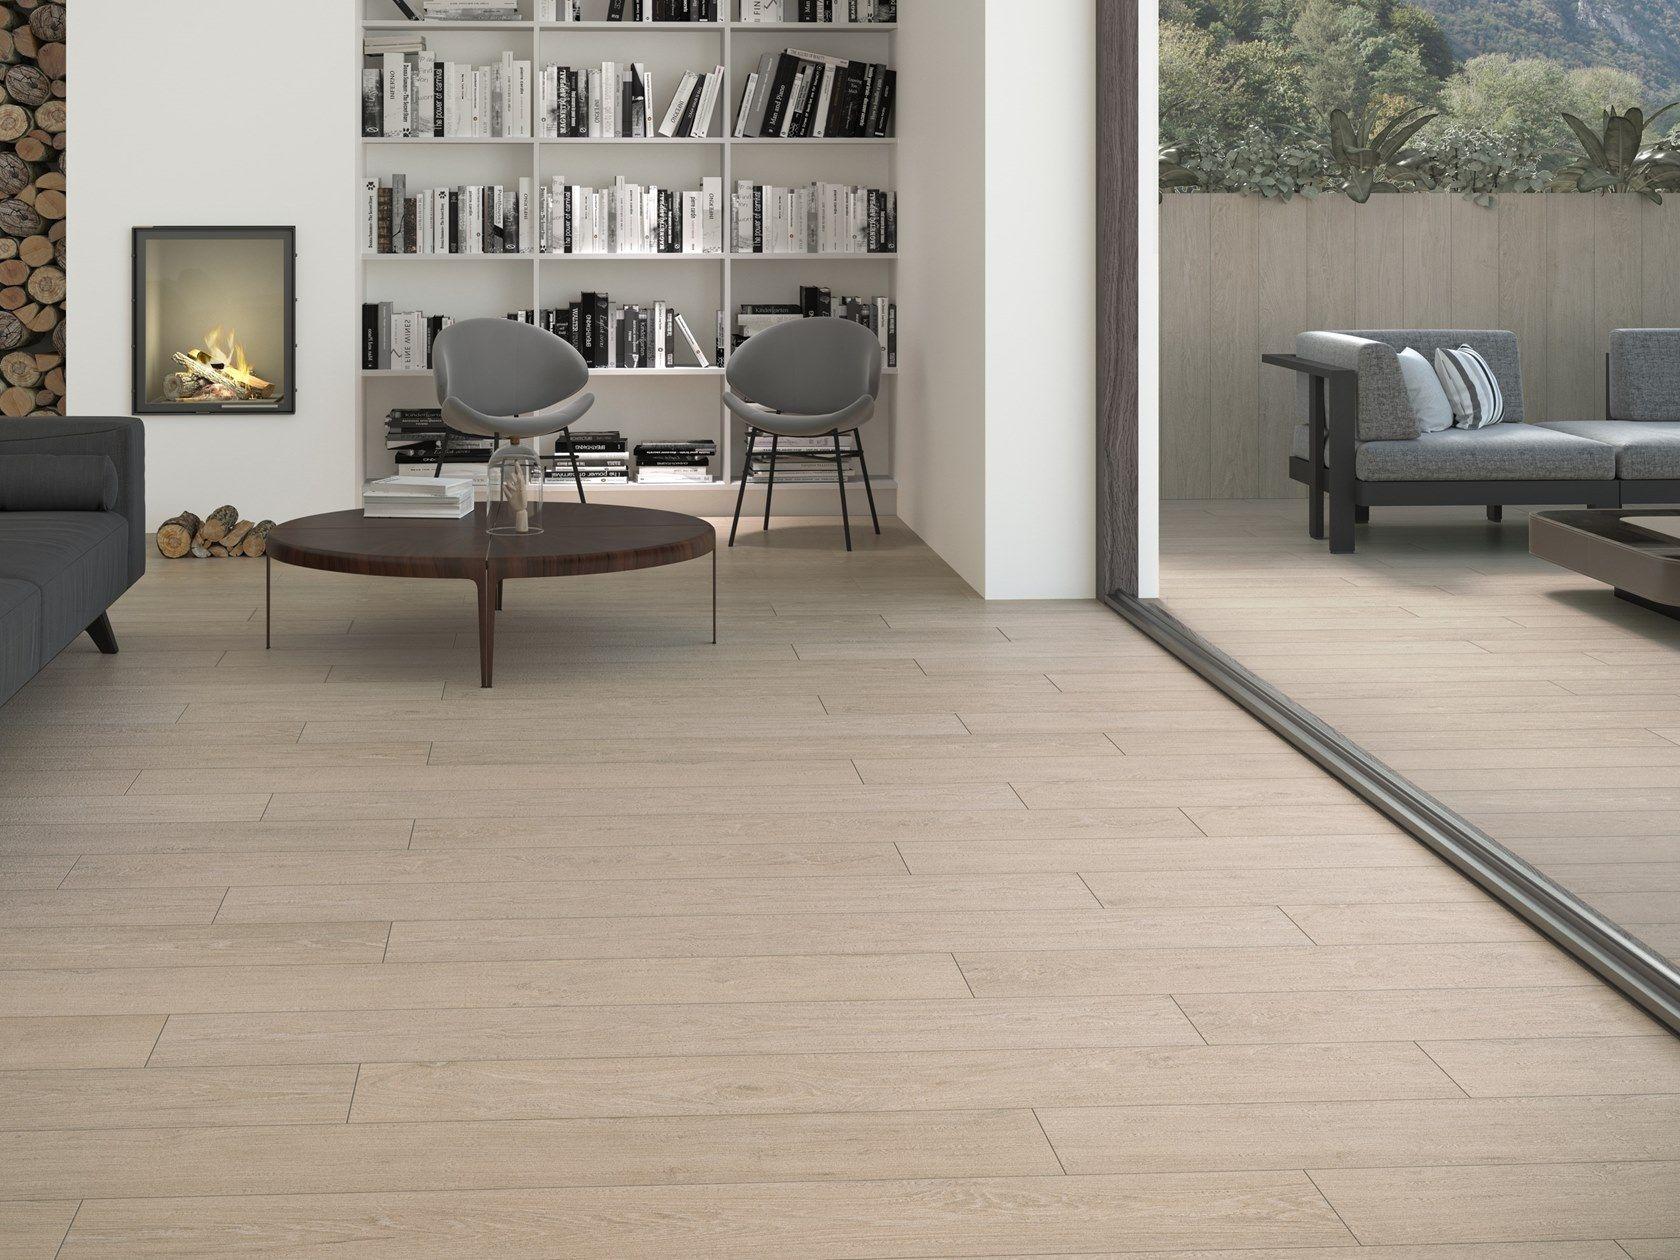 Indoor Outdoor Wall Floor Tiles With Wood Effect Essence By